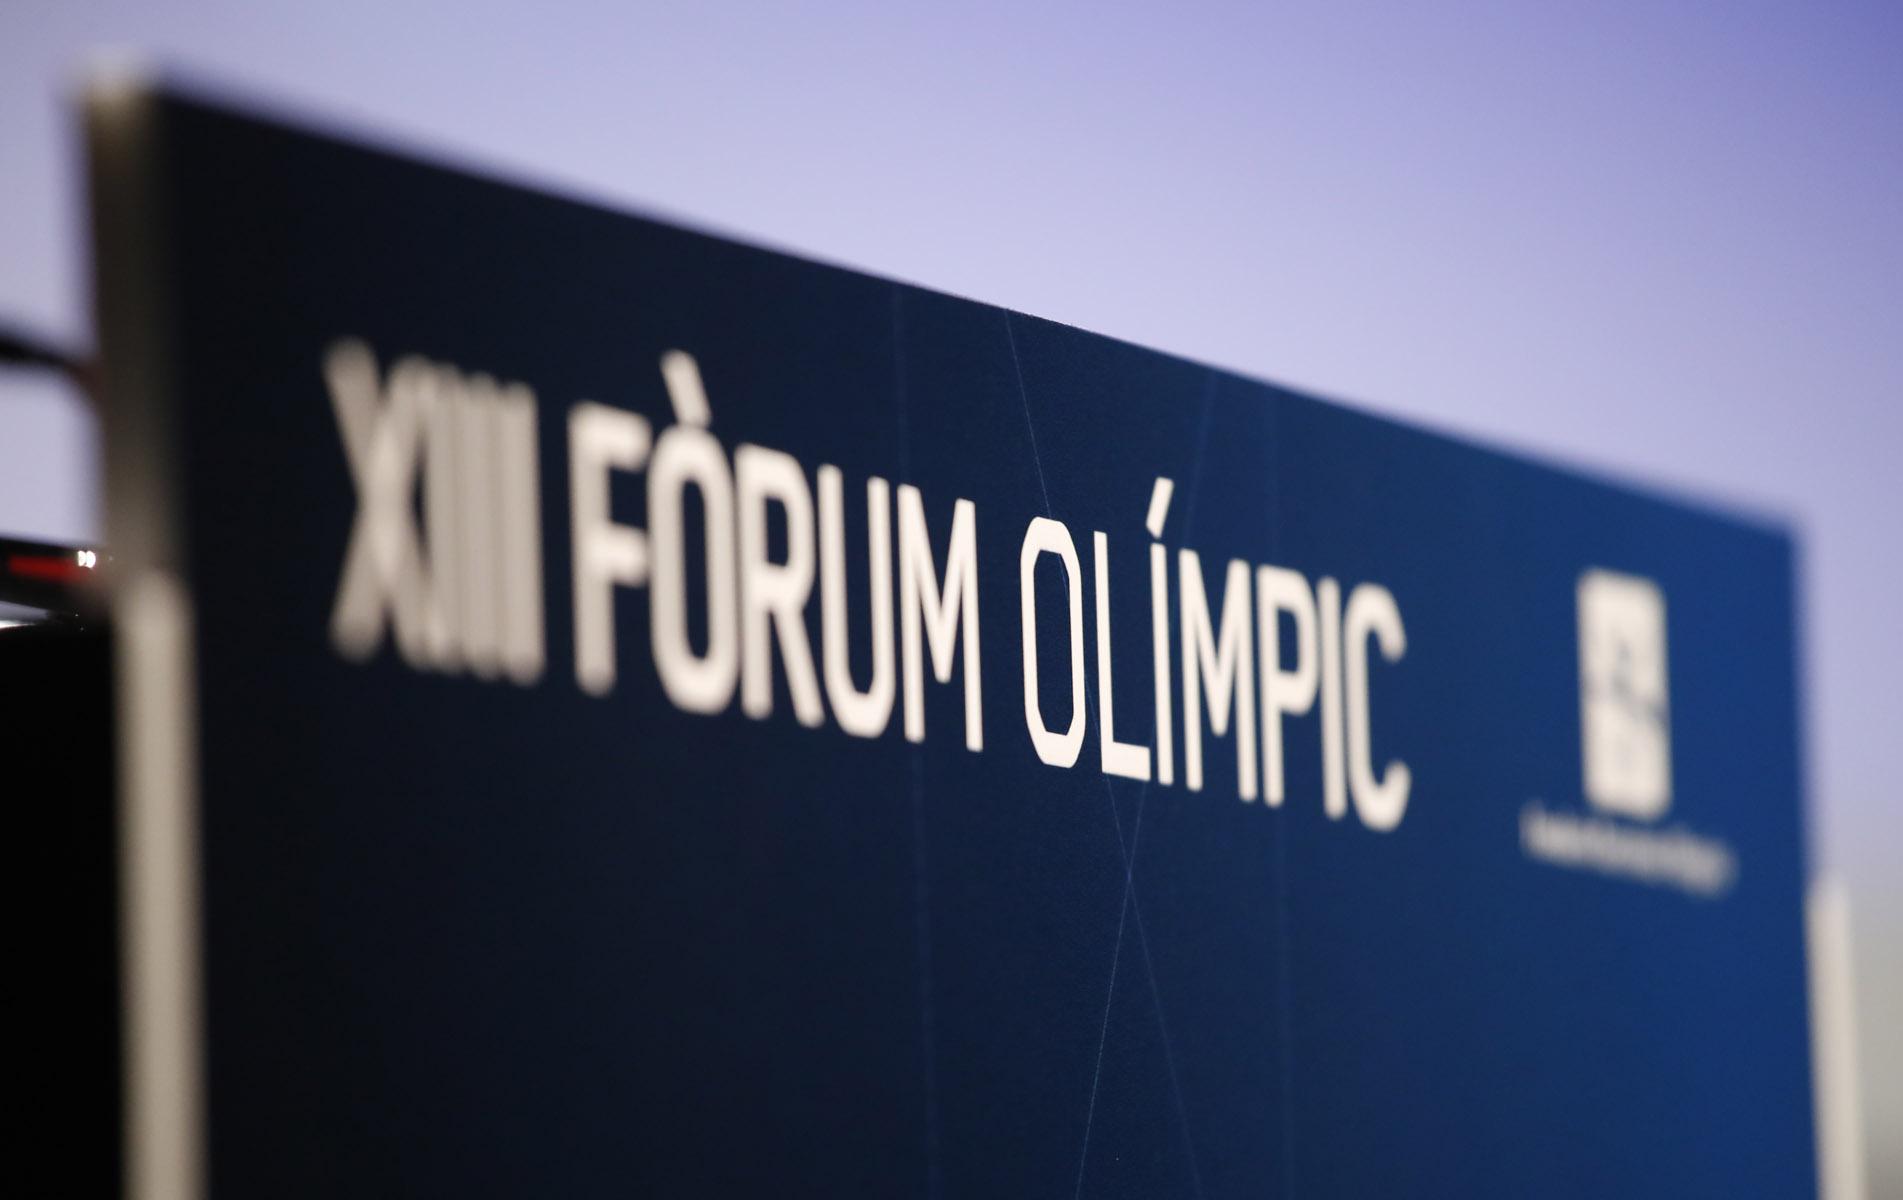 Forum_olimpic5